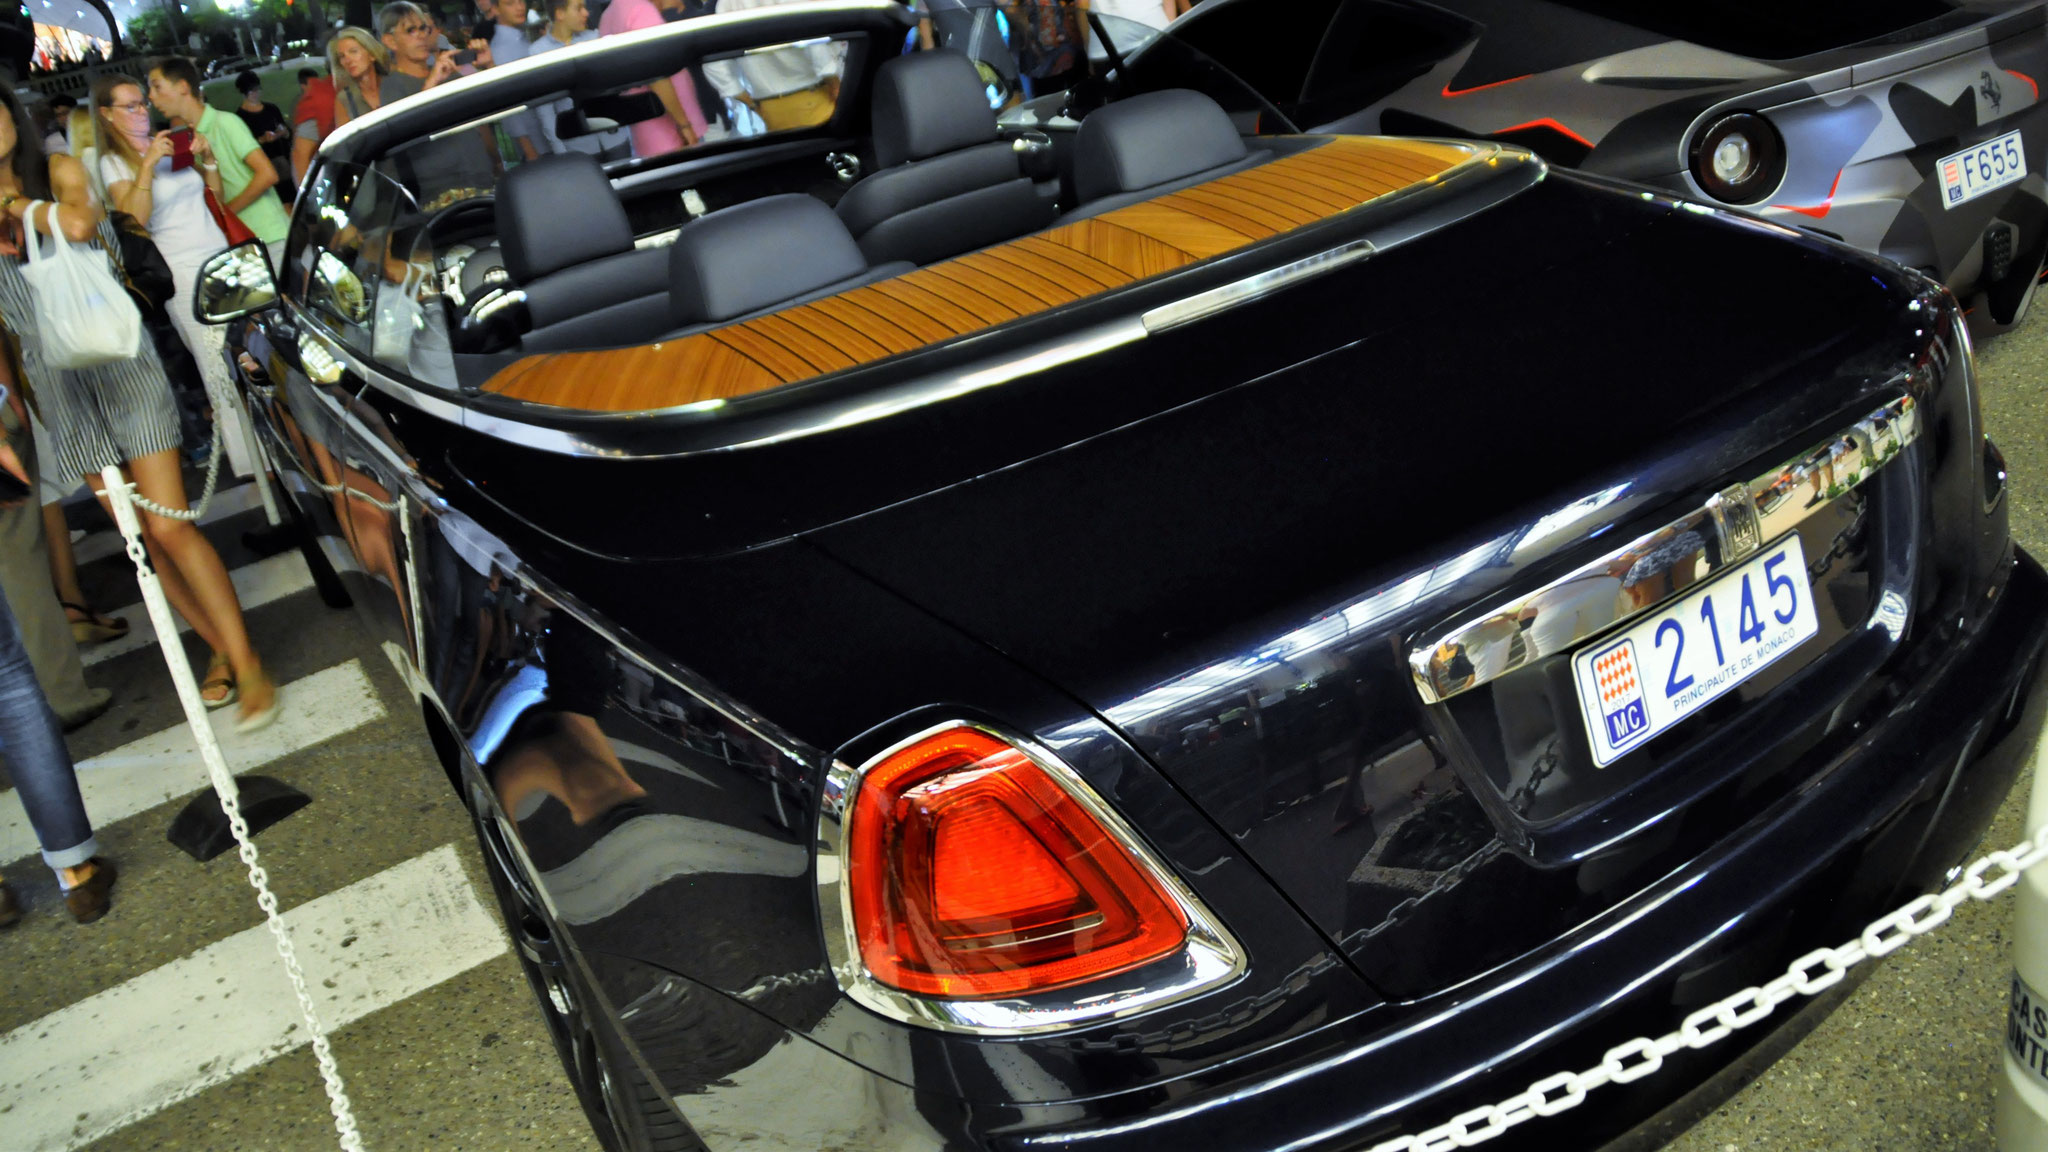 Rolls Royce Dawn - 2145 (MC)